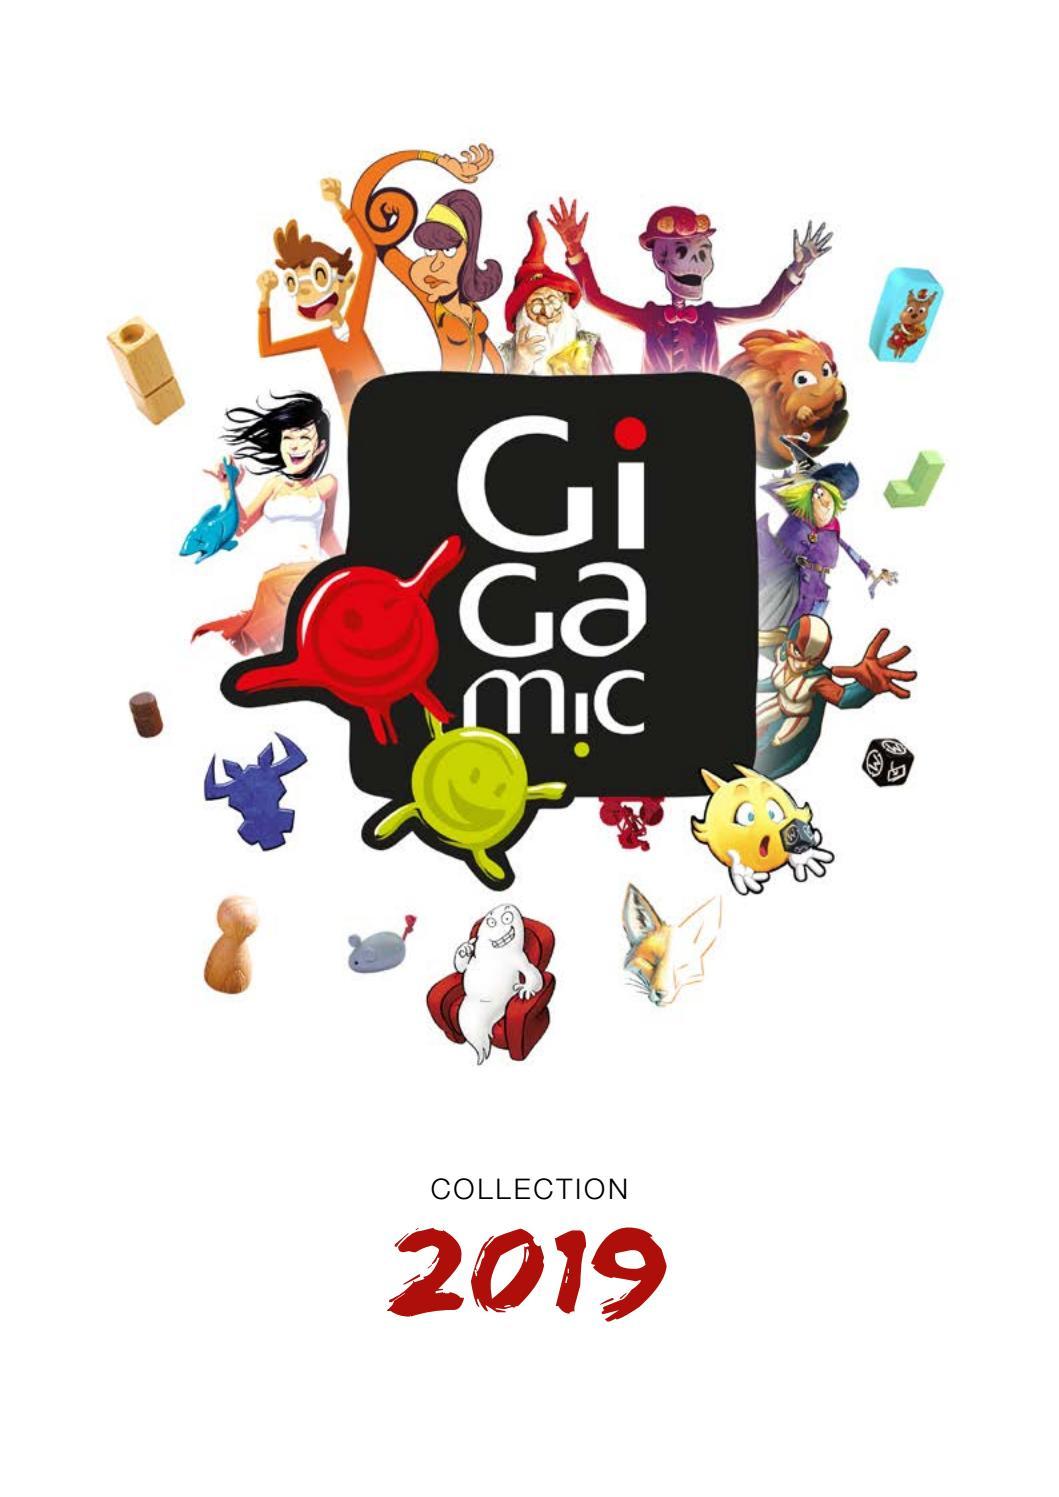 Gigamic - Catalogue 2019 By Gigamic - Issuu destiné Puzzle Gratuit Pour Fille De 3 Ans